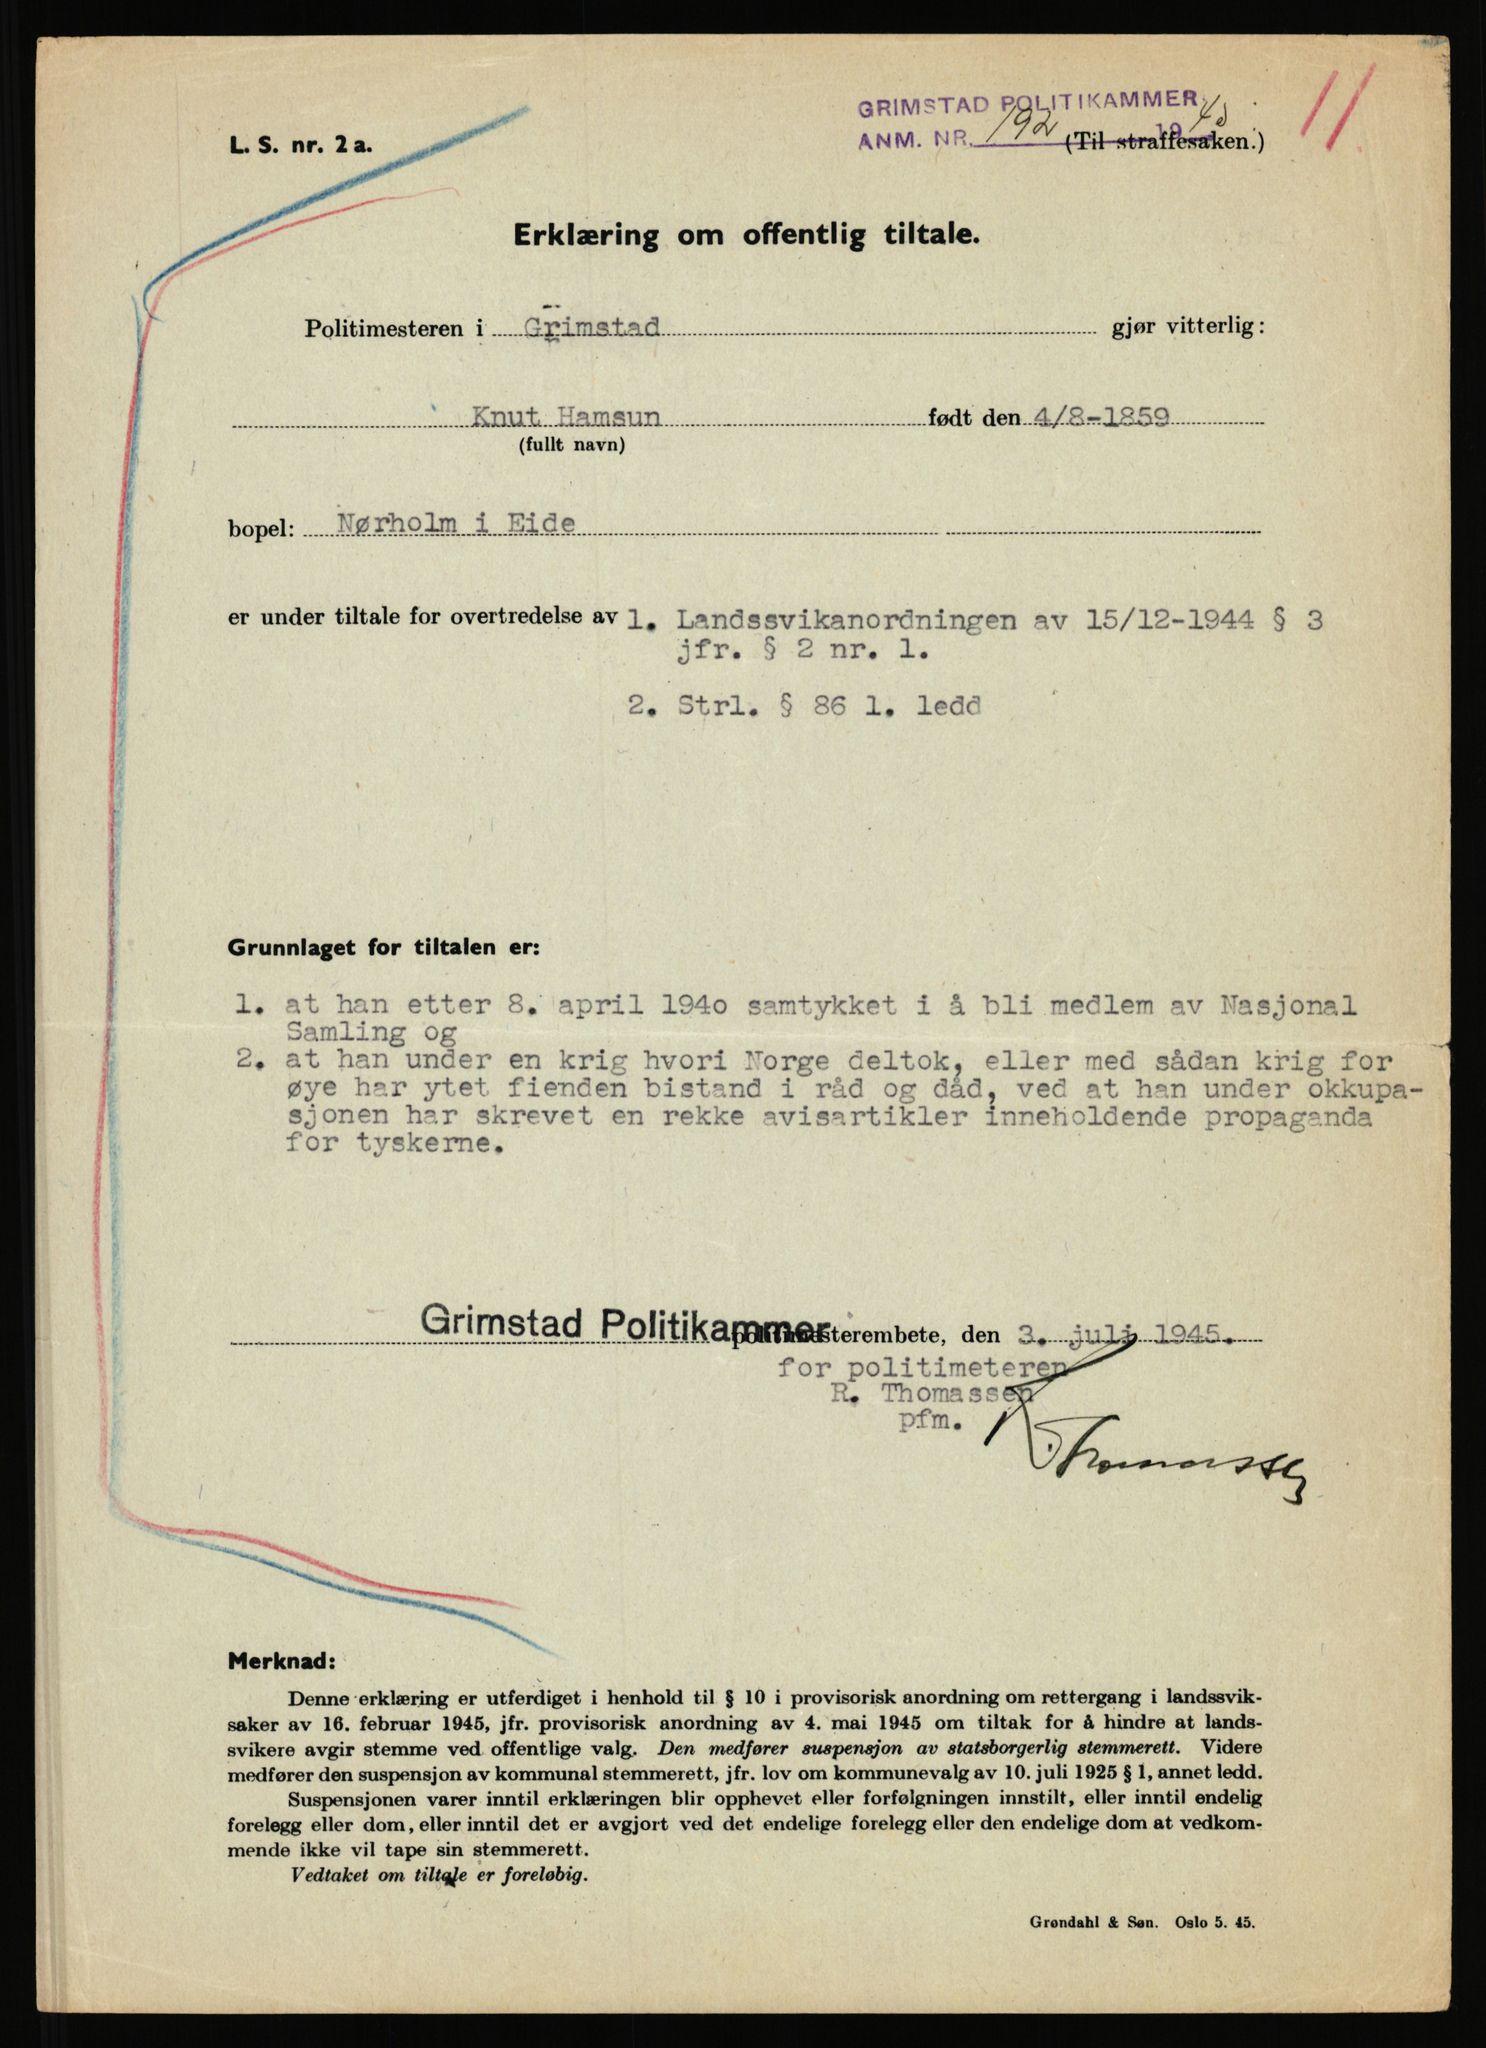 RA, Landssvikarkivet, Arendal politikammer, D/Dc/L0029: Anr. 192/45, 1945-1951, s. 82